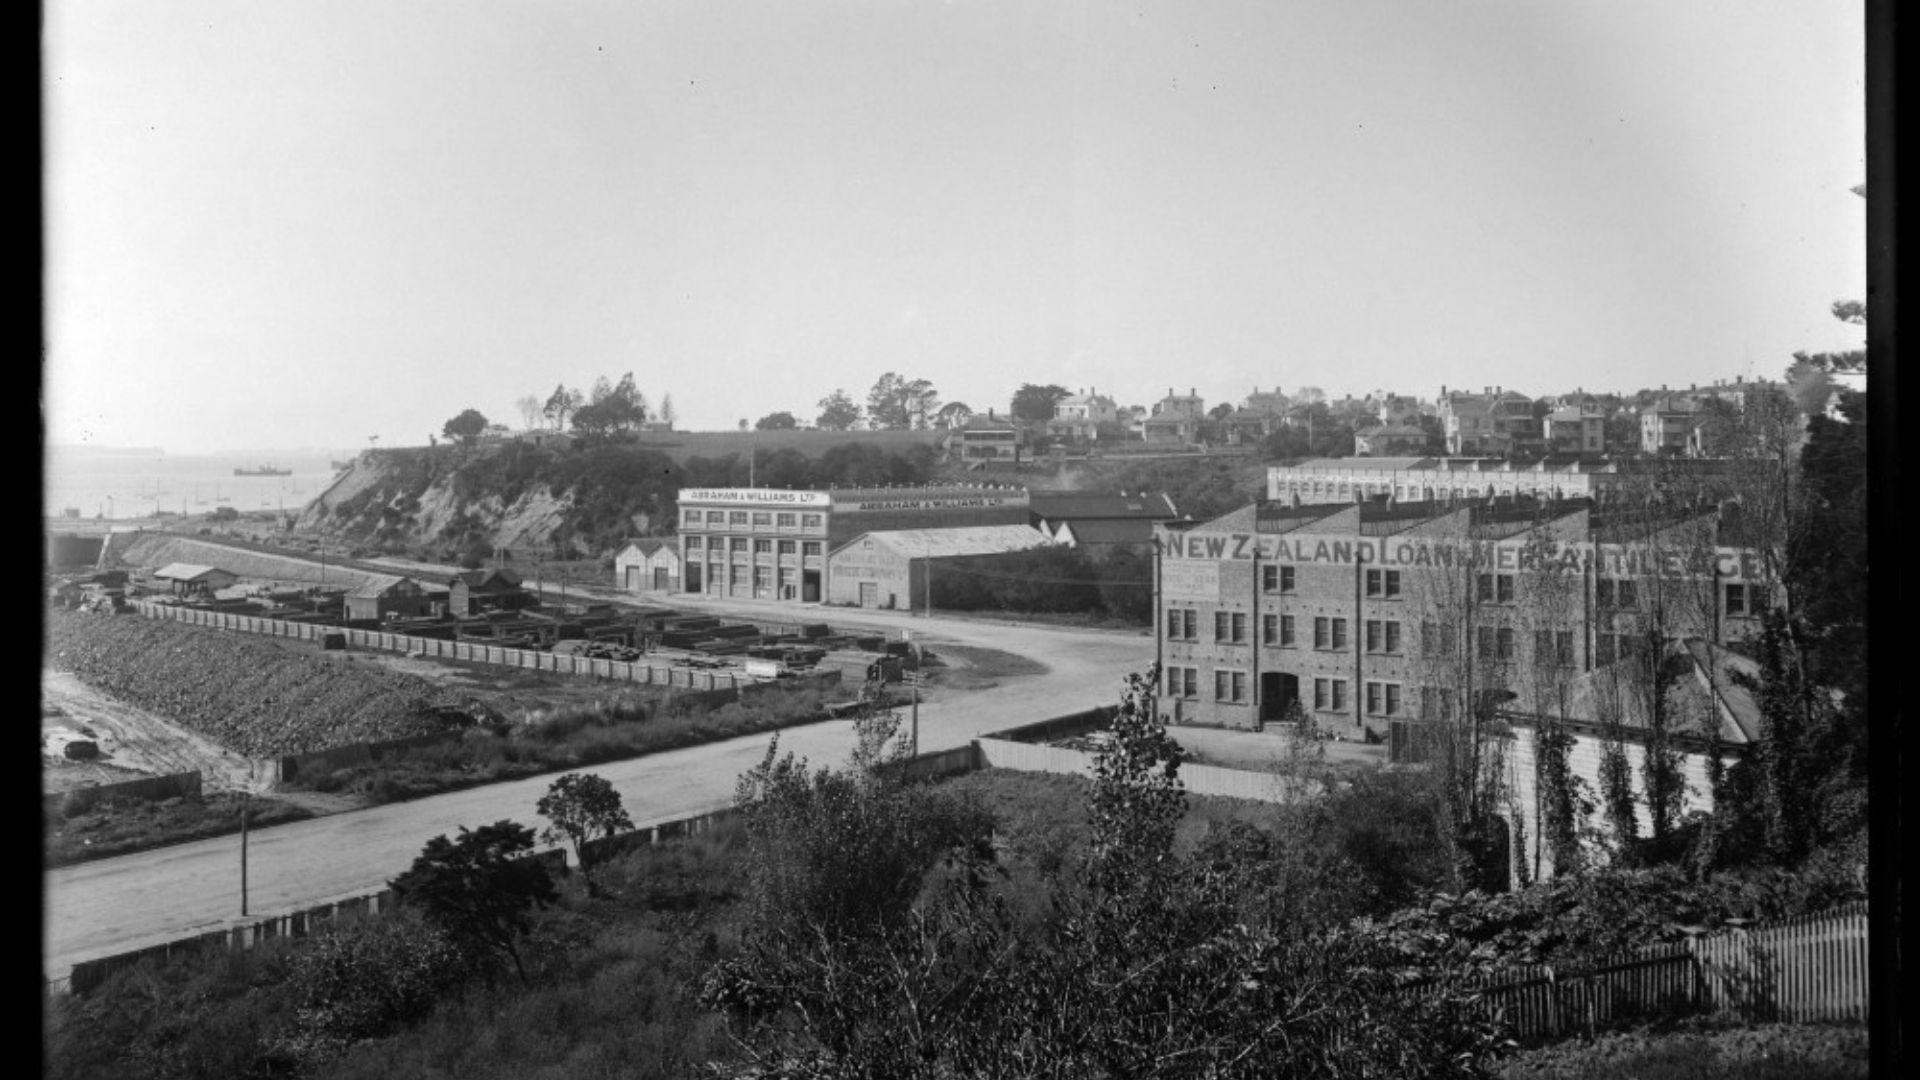 The Textile Centre